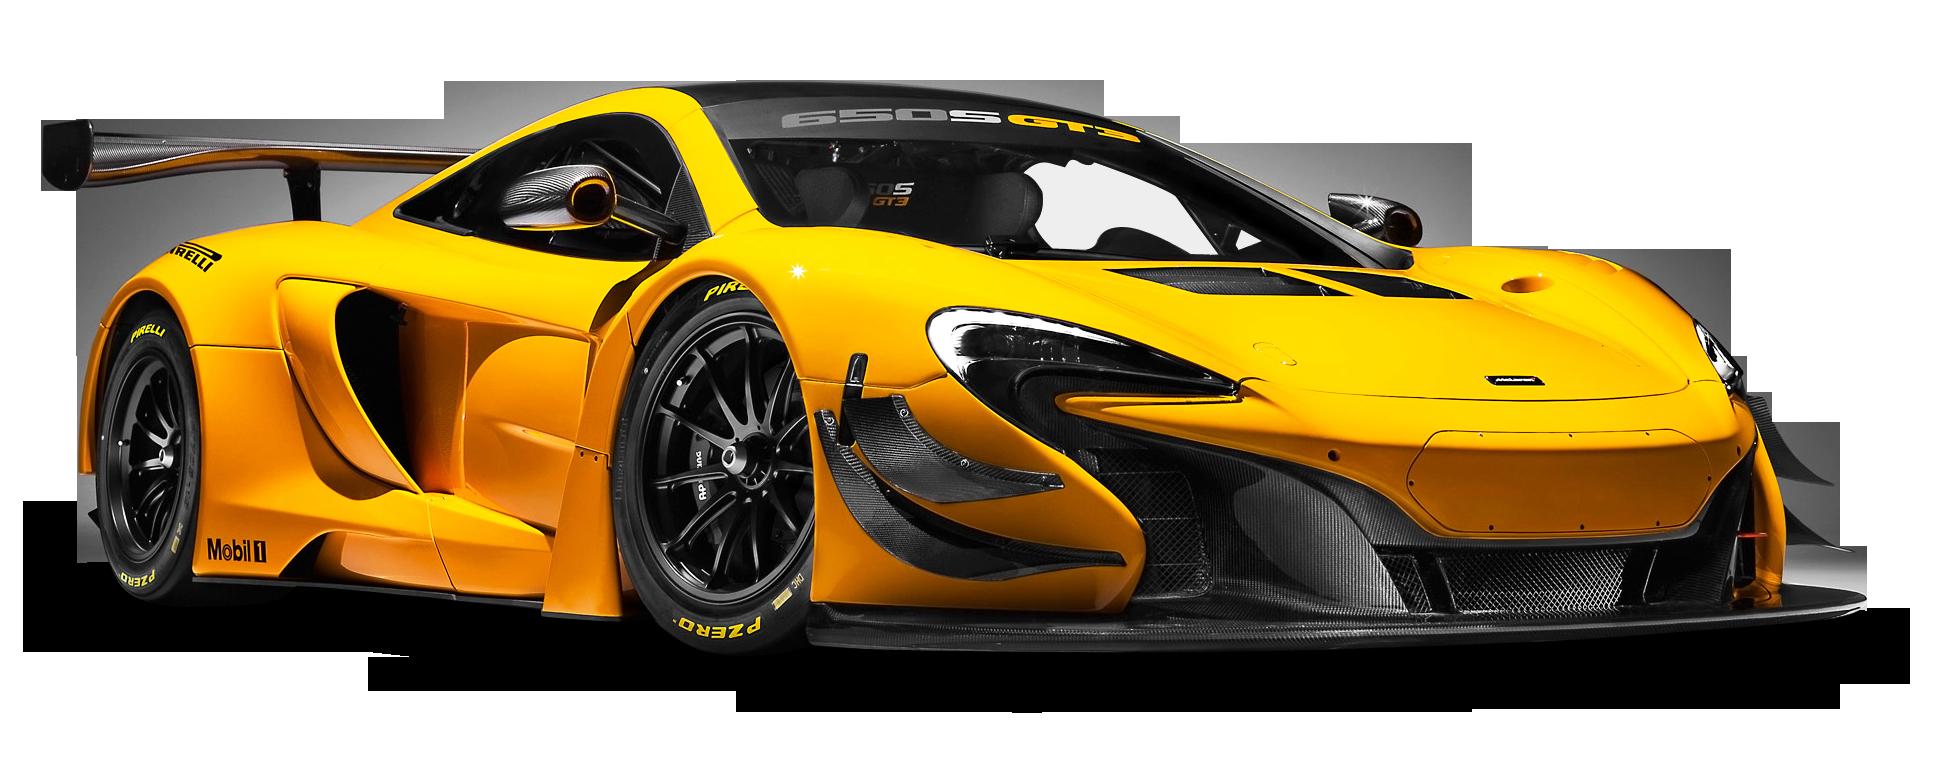 Sprint car racing clipart jpg stock McLaren PNG Images - PngPix jpg stock